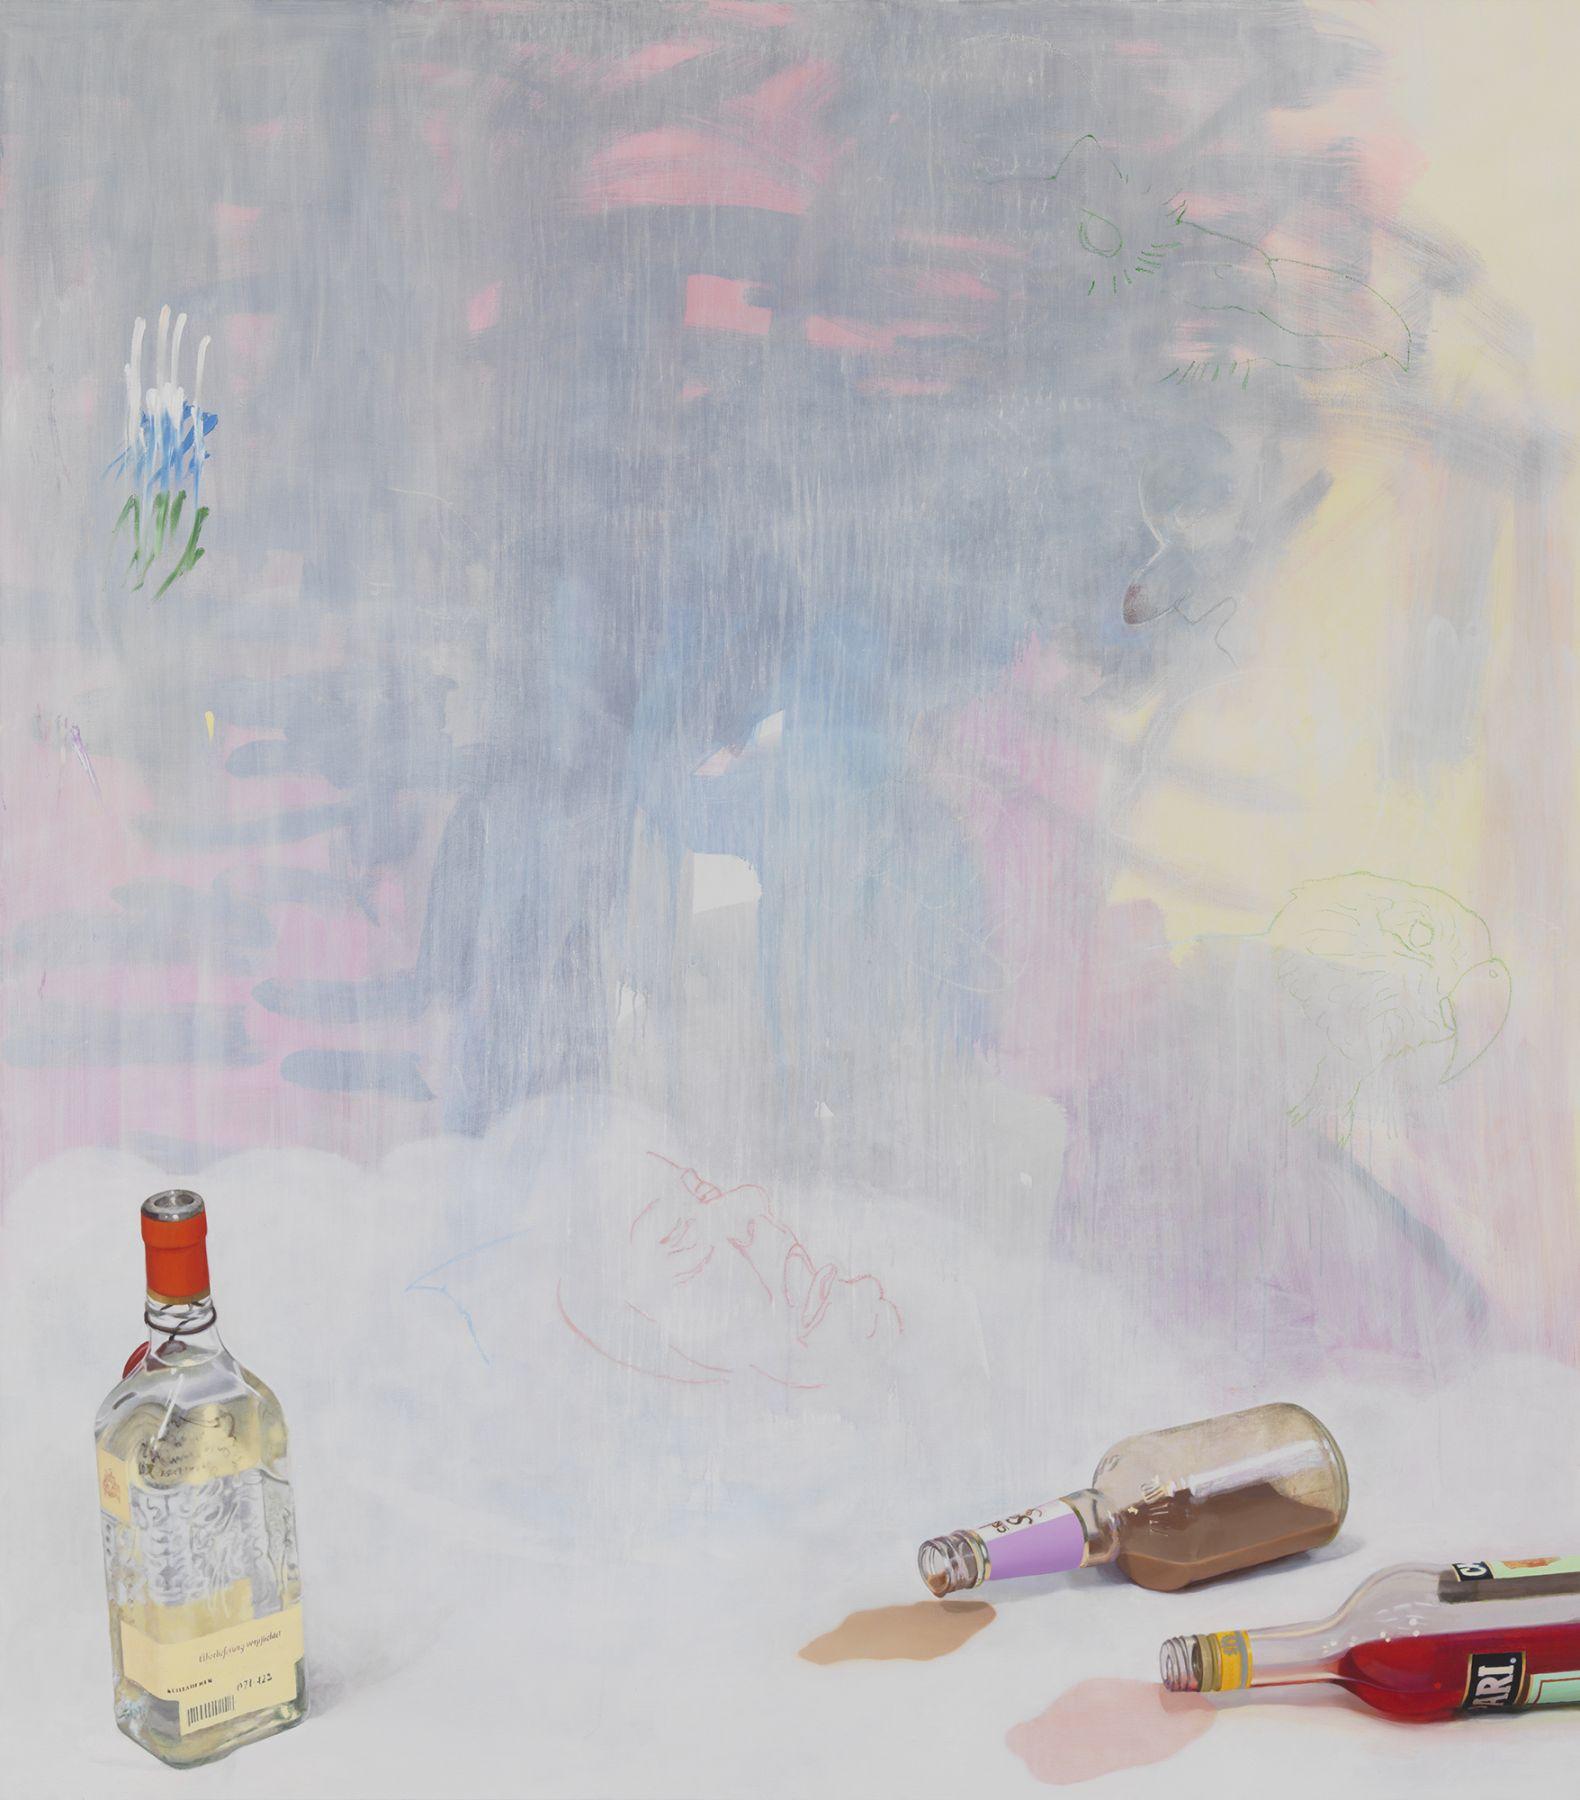 Monika Baer Überlieferung verpflichtet, 2014 Acrylic and oil on canvas 98 3/8 x 86 5/8 inches (250 x 220 cm) (